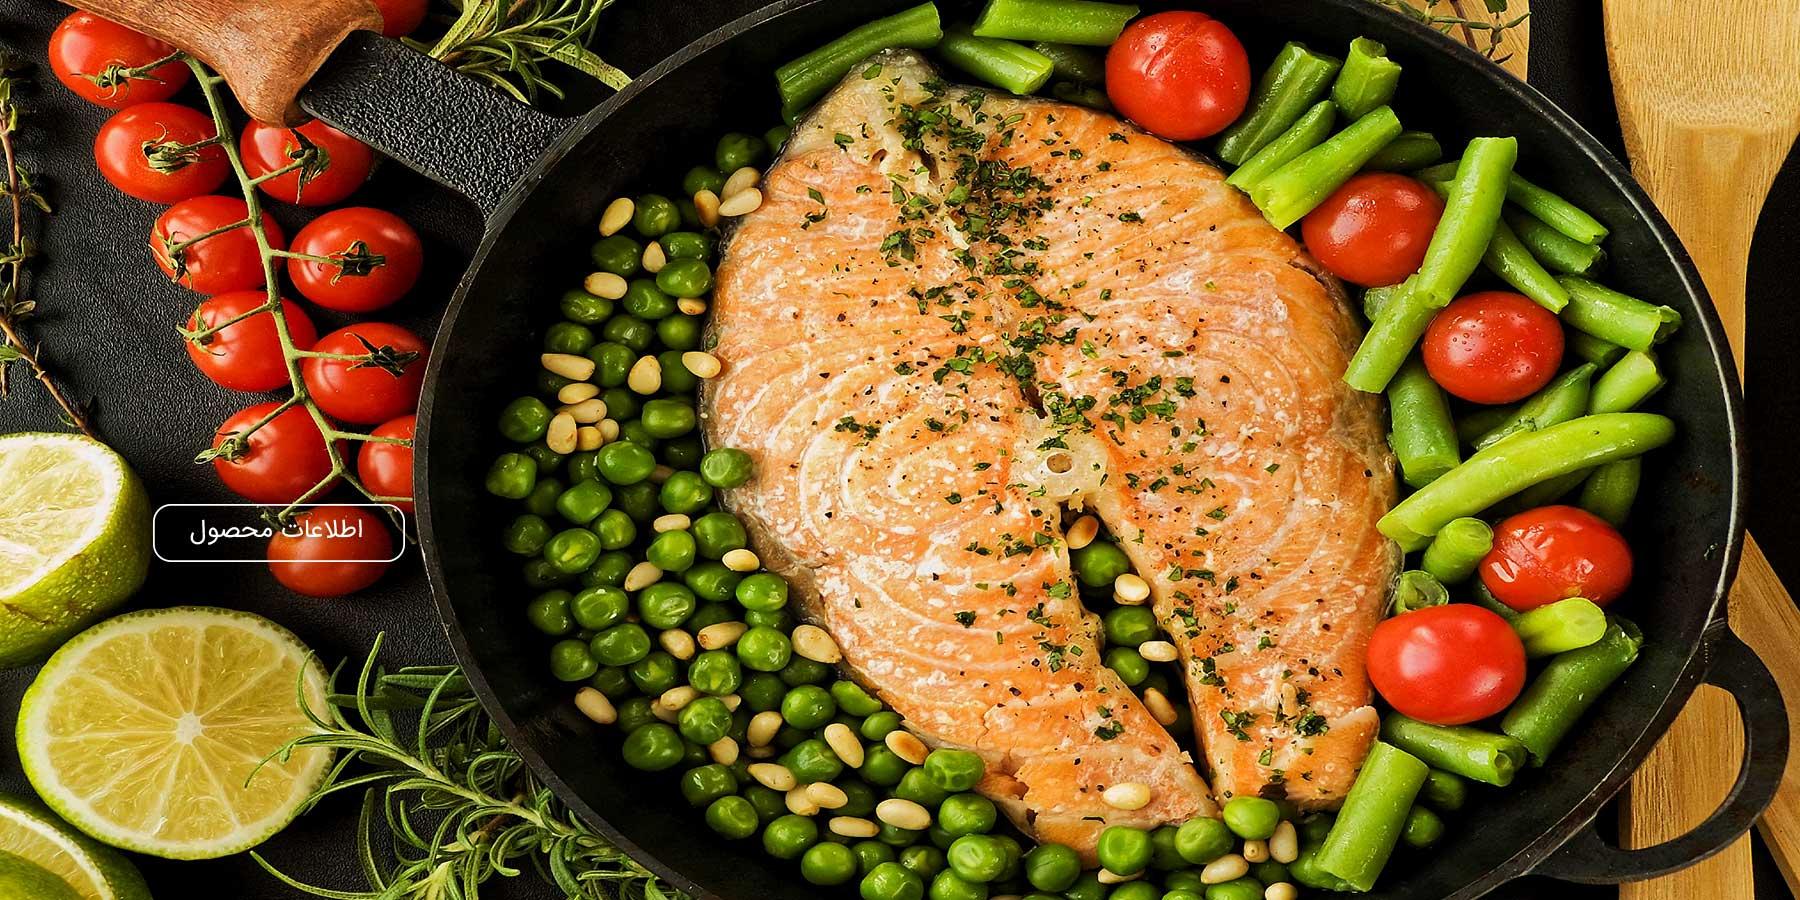 ماهی تازه و منجمد مهیا پروتئین